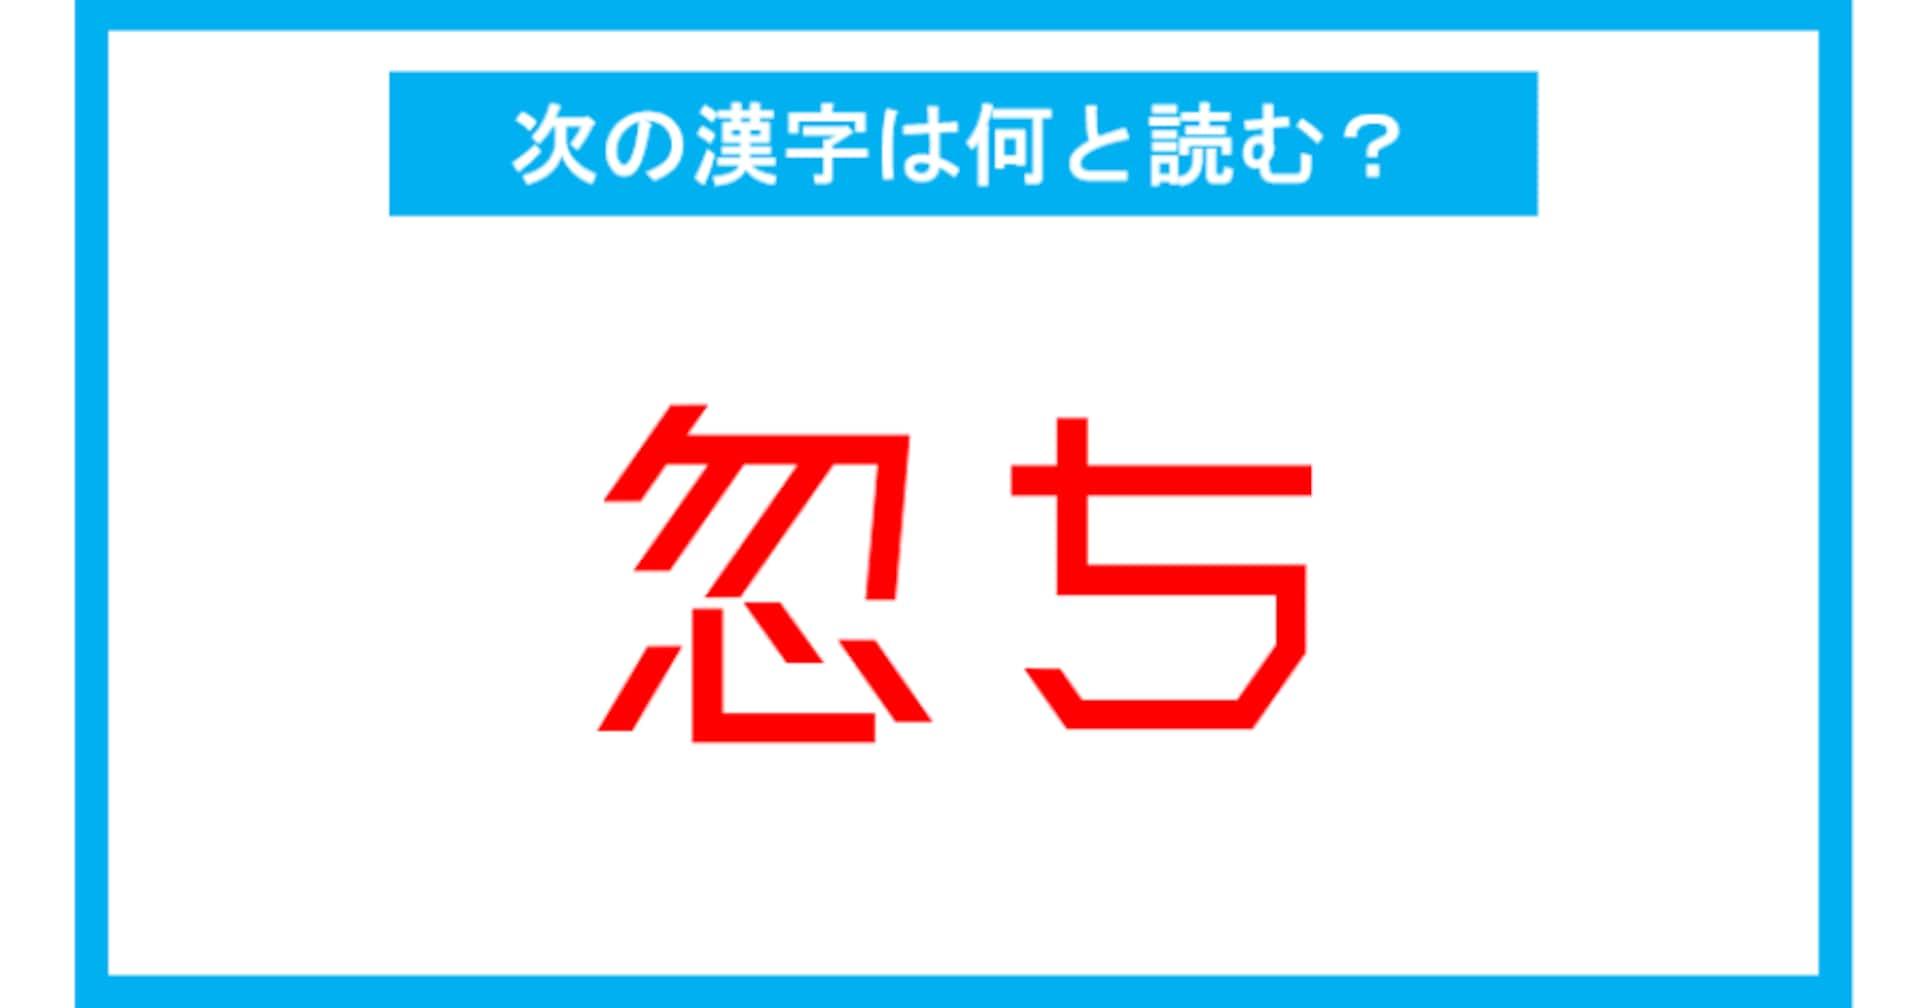 【漢検準1級レベル】「忽ち」←この漢字、何と読む?(第189問)